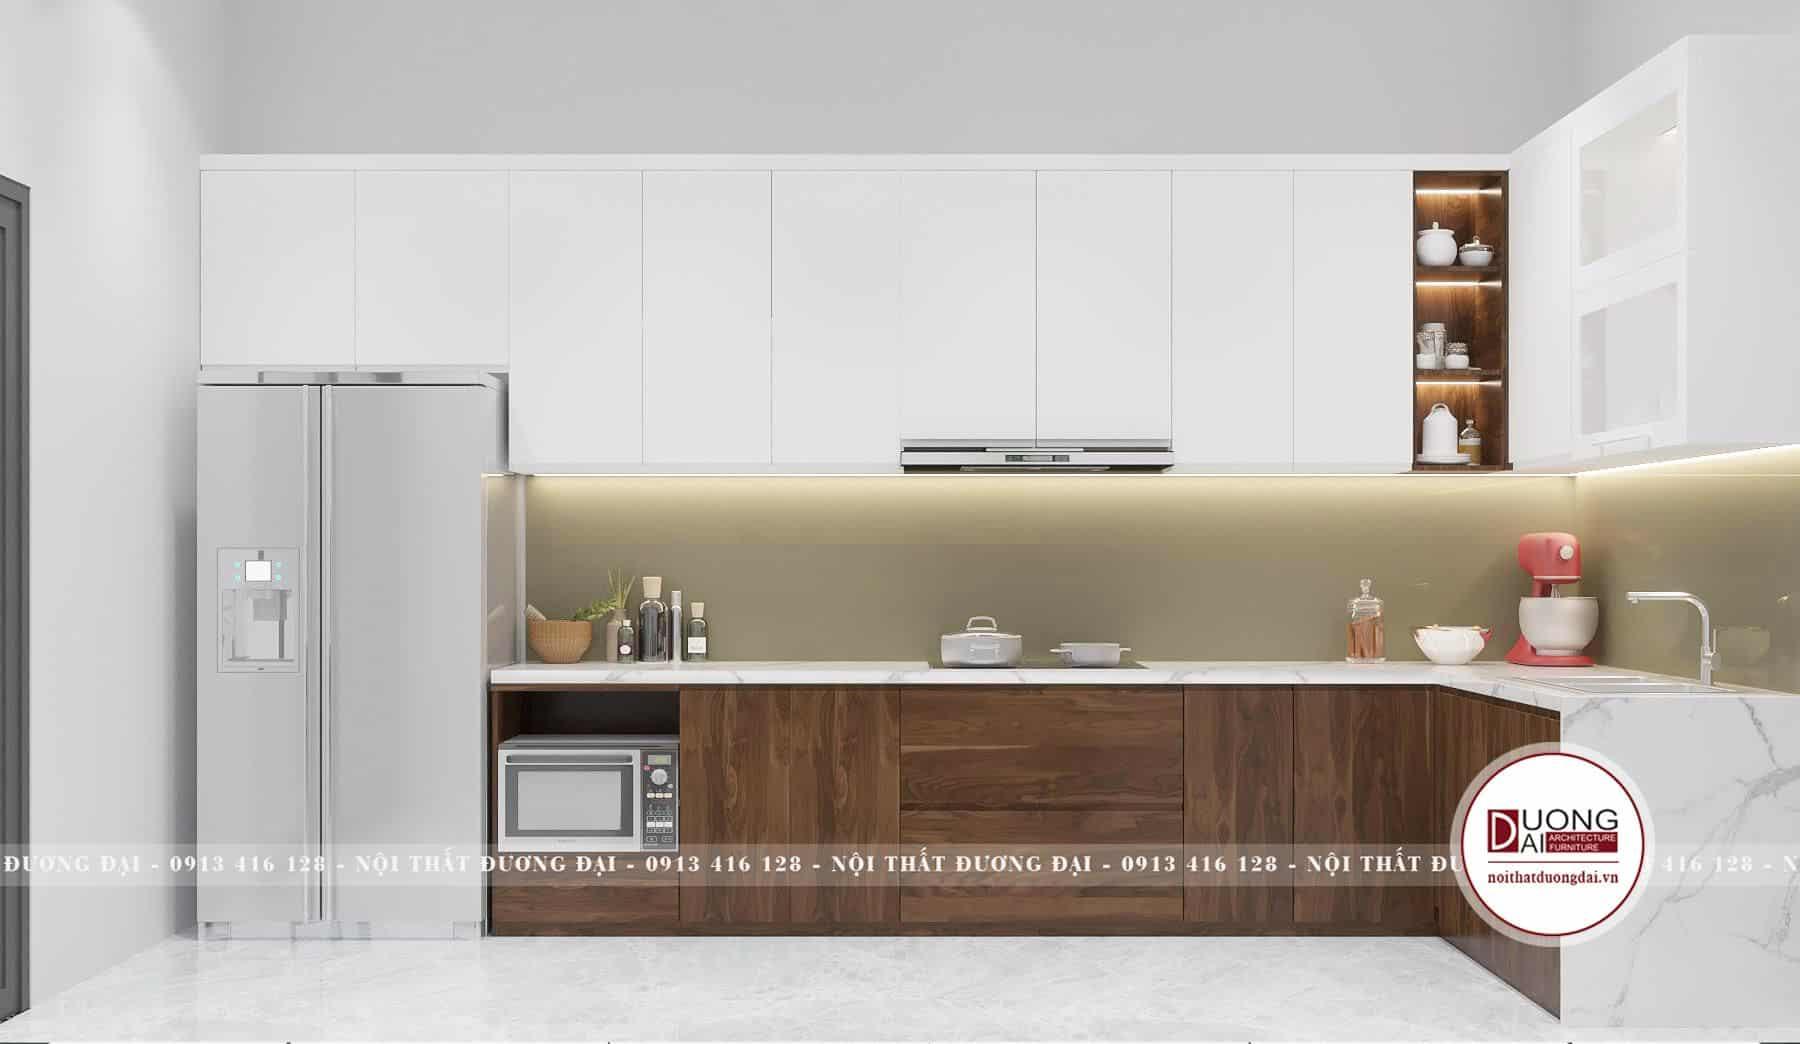 Tủ bếp gỗ đơn giản nhưng siêu tiện nghi với màu trắng tinh khôi